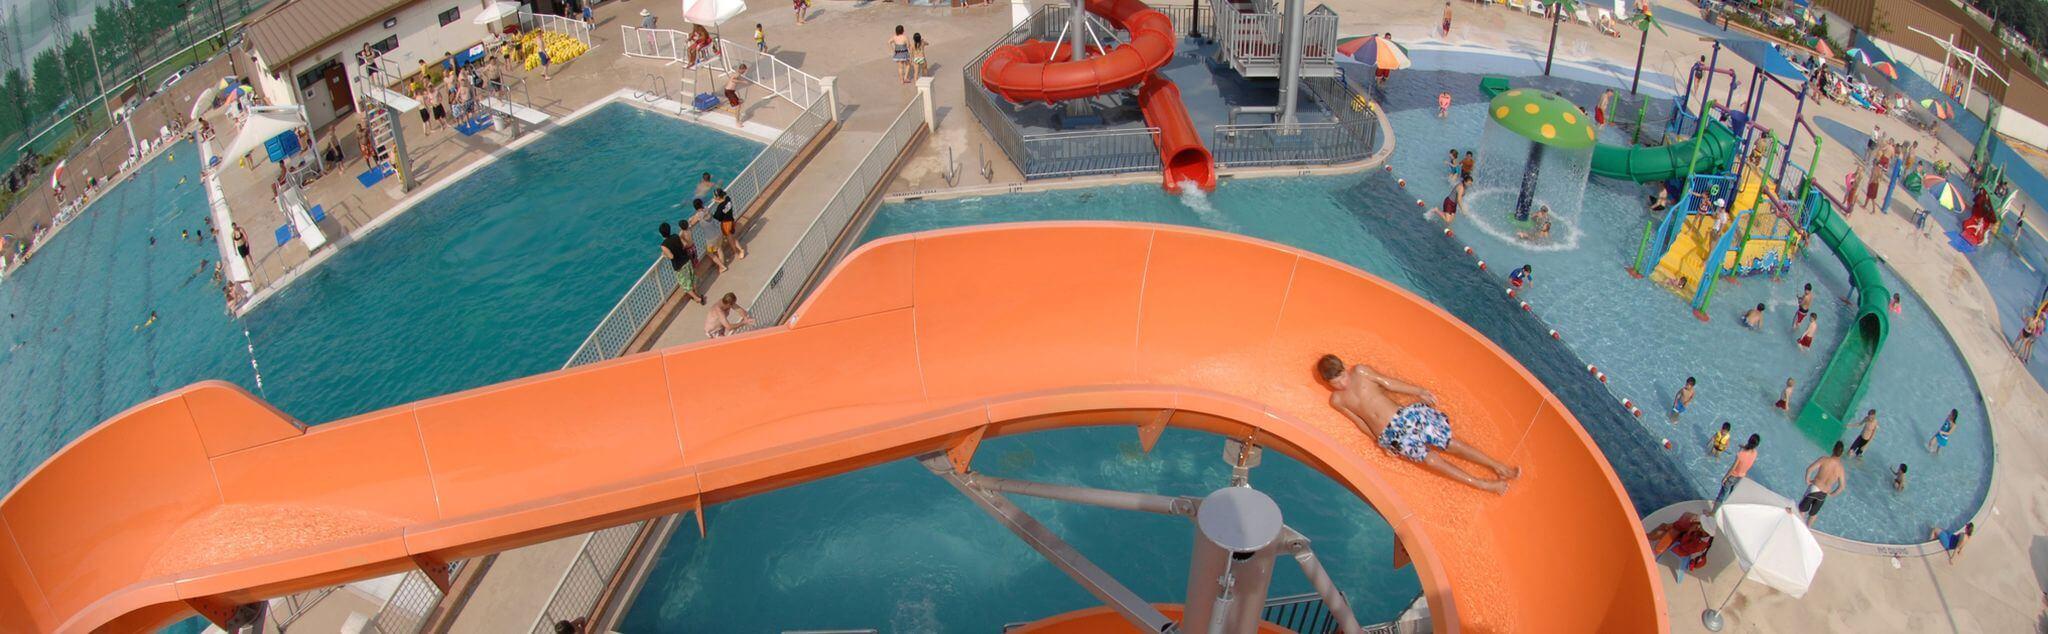 Parcs Aquatiques dans France